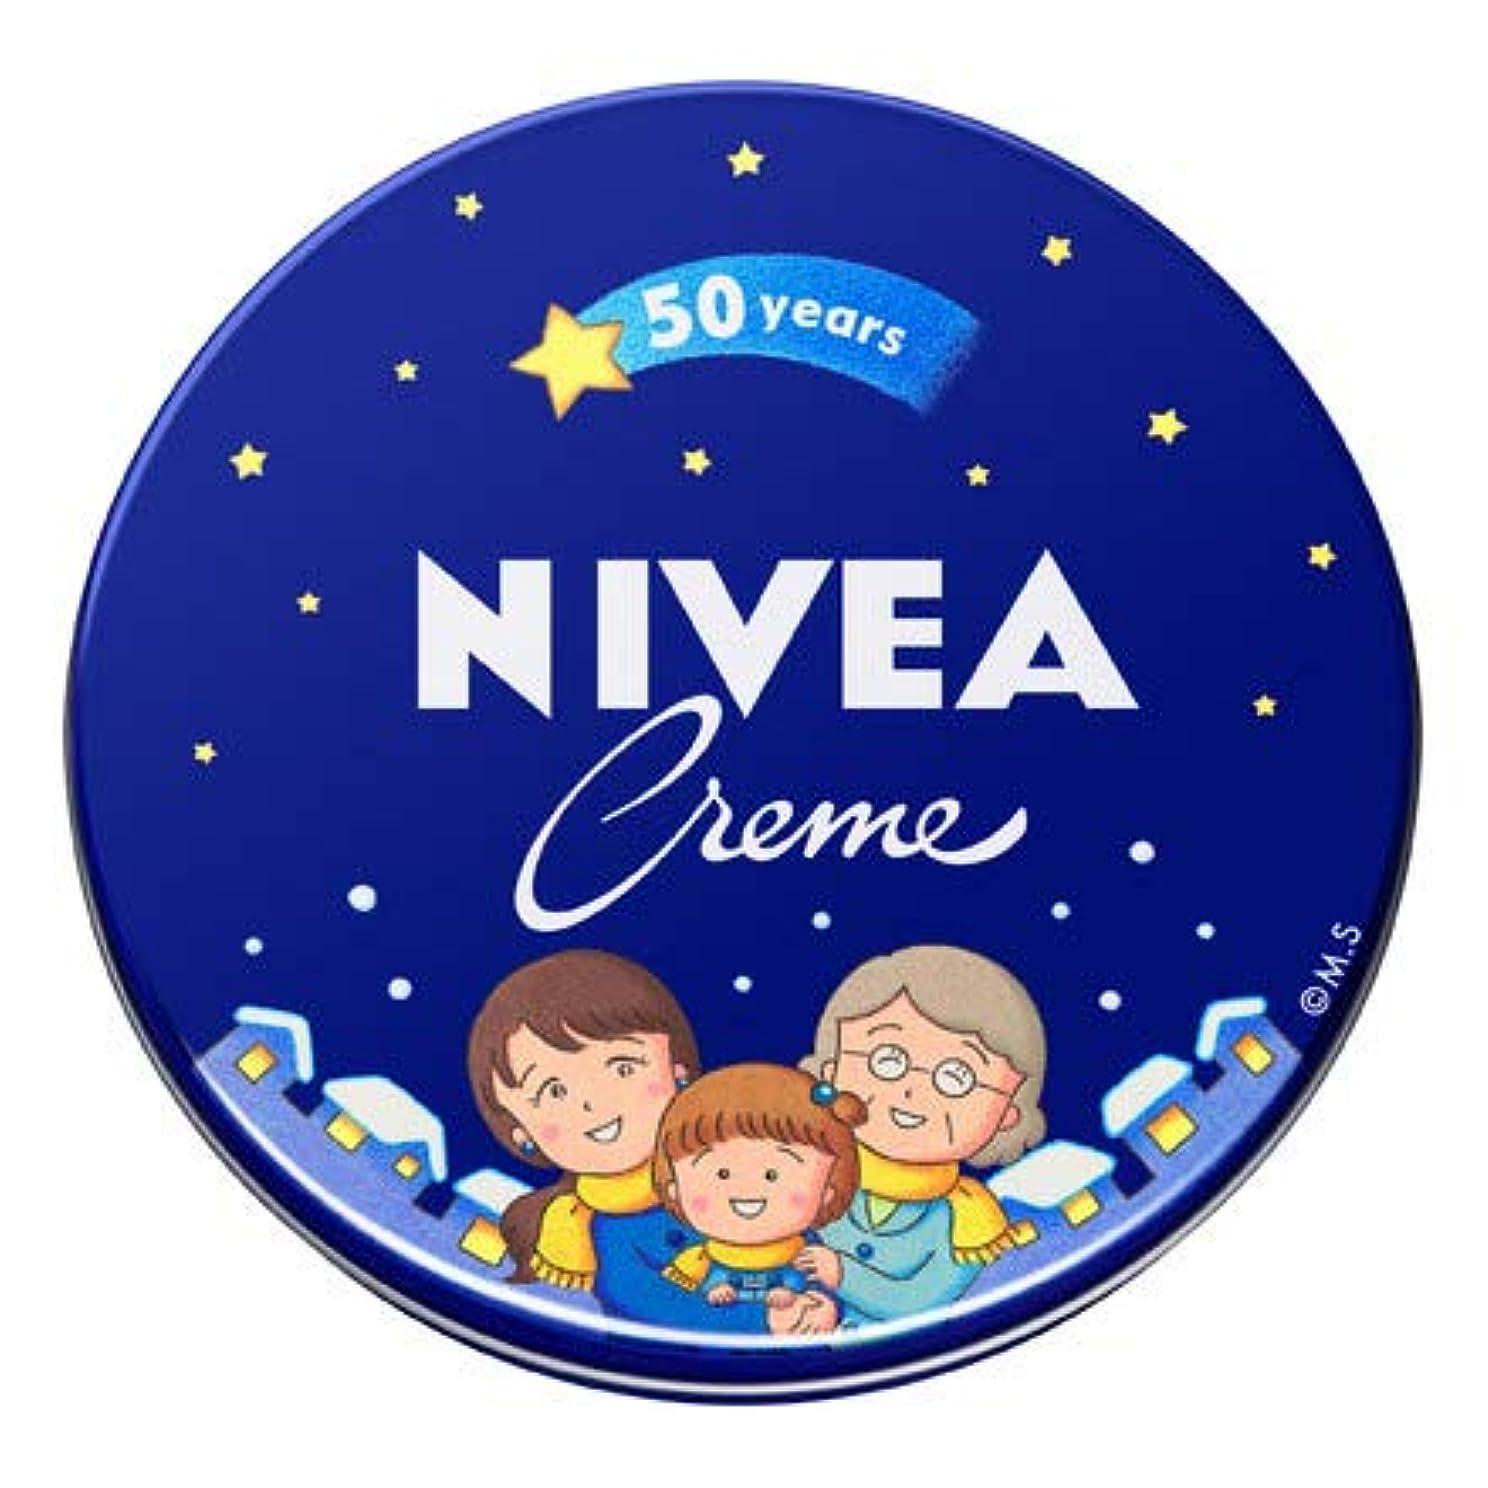 よりローズ変換するNIVEA ニベアクリーム 中缶 56g さくらももこ限定デザイン